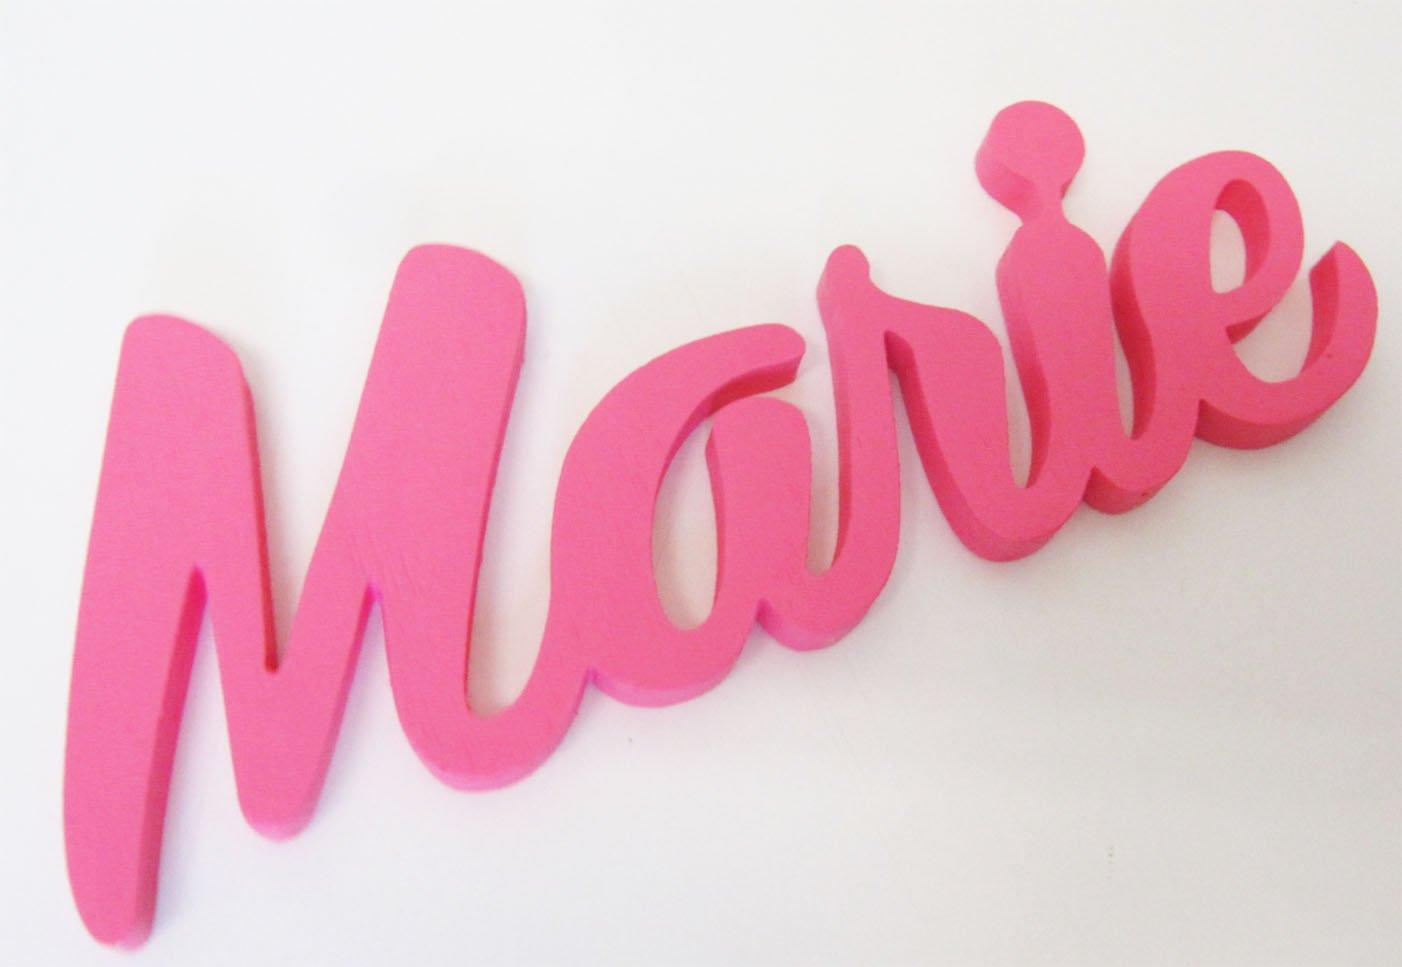 Letreros para el Cuarto de los Ni/ños Carteles de Nombres Letreros Personalizados para puertas Letreros personalizados para Ni/ños o Ni/ñas Amelie Regalos Personalizados Mia Workshop Decoracci/ónes para Dormitorios